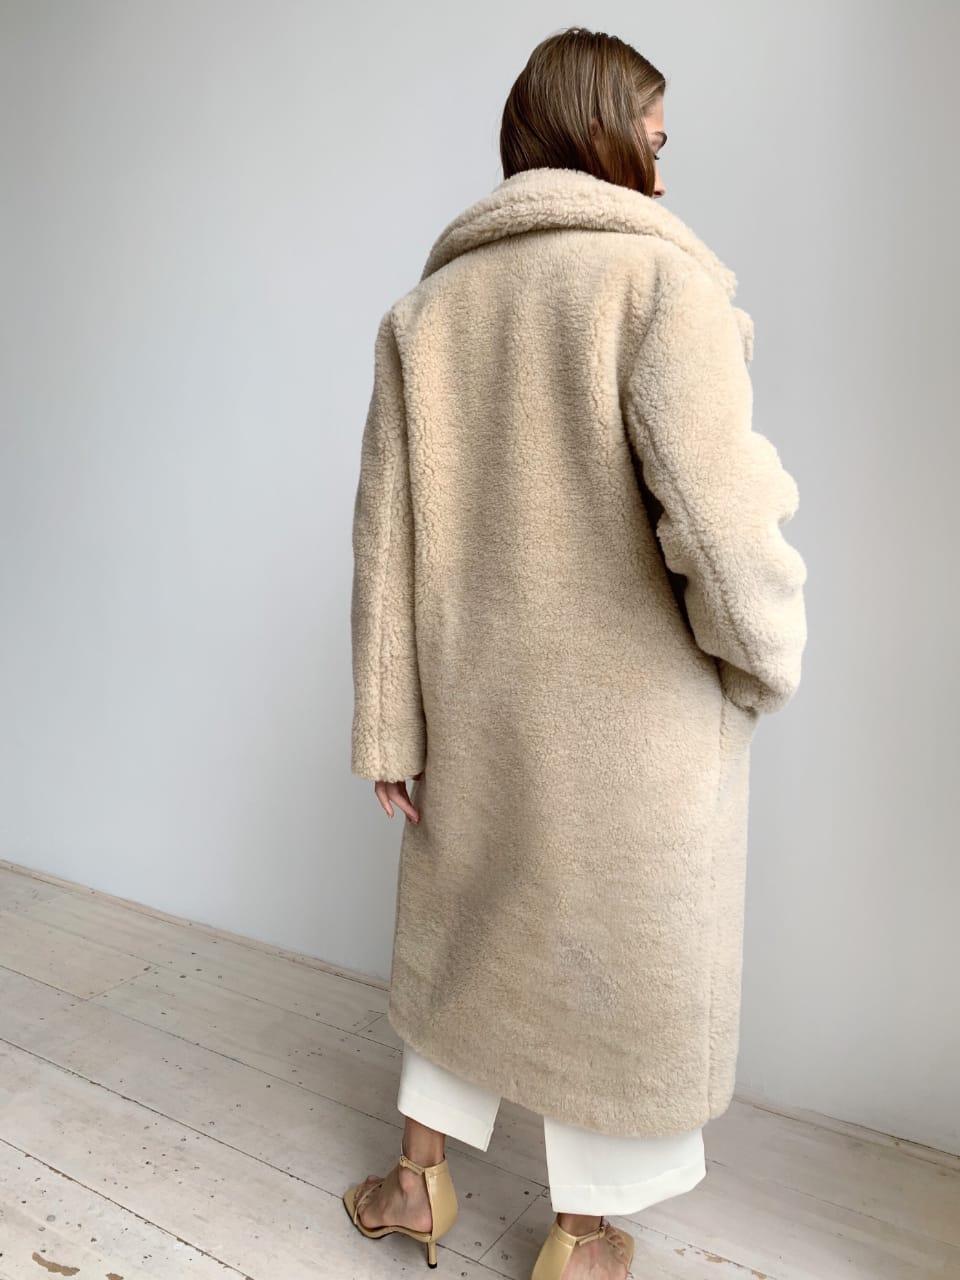 Шуба из натуральной стриженой овечьей шерсти длина 110 см, прорезные карманы, бежевый цвет - фото 3